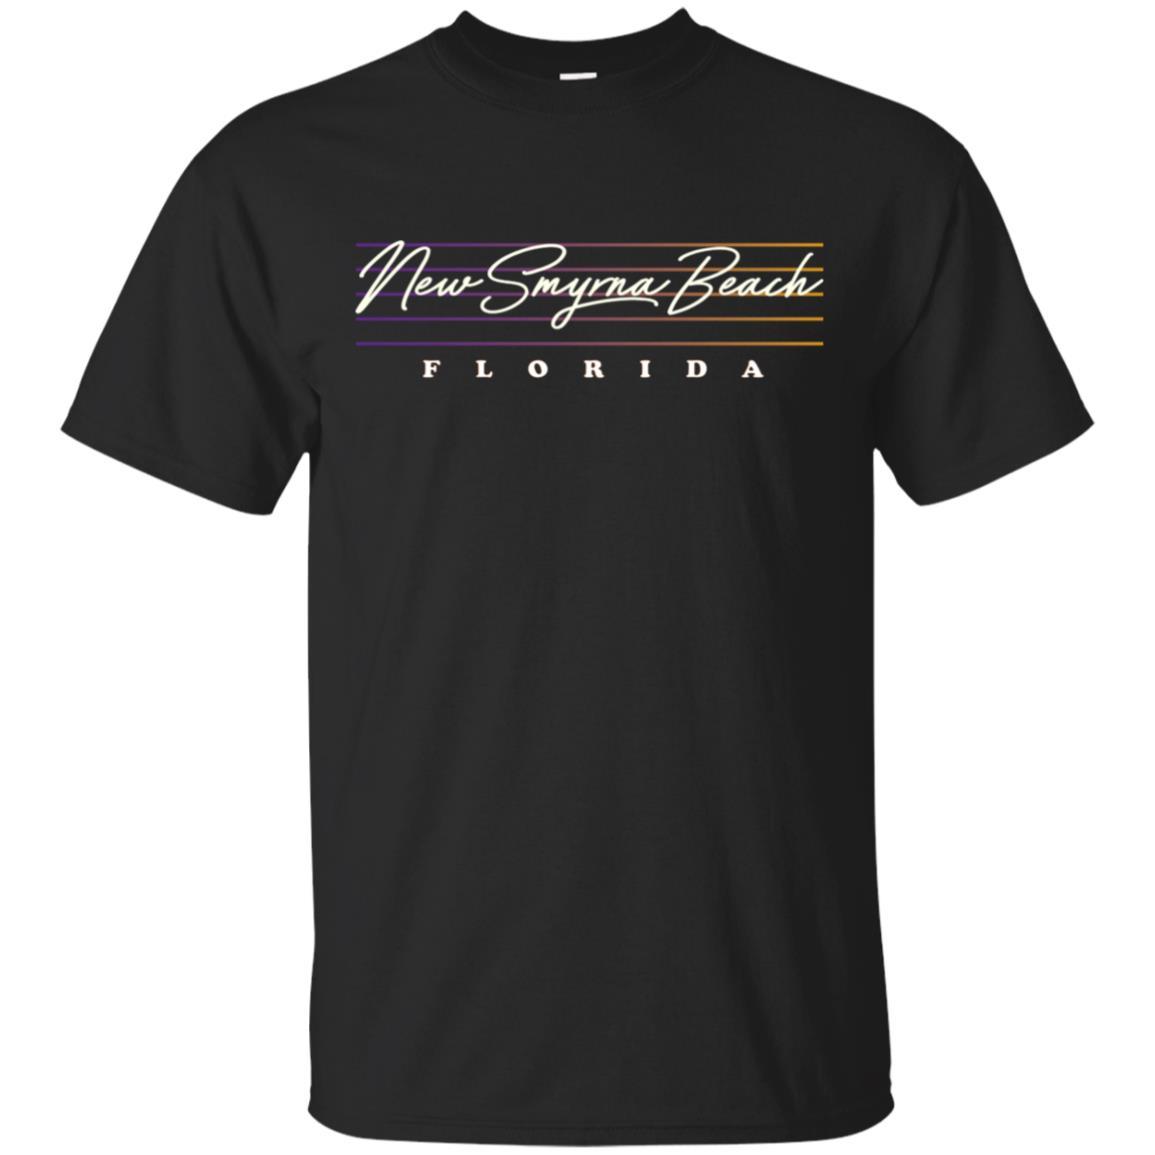 New Smyrna Beach Retro Style Unisex Short Sleeve